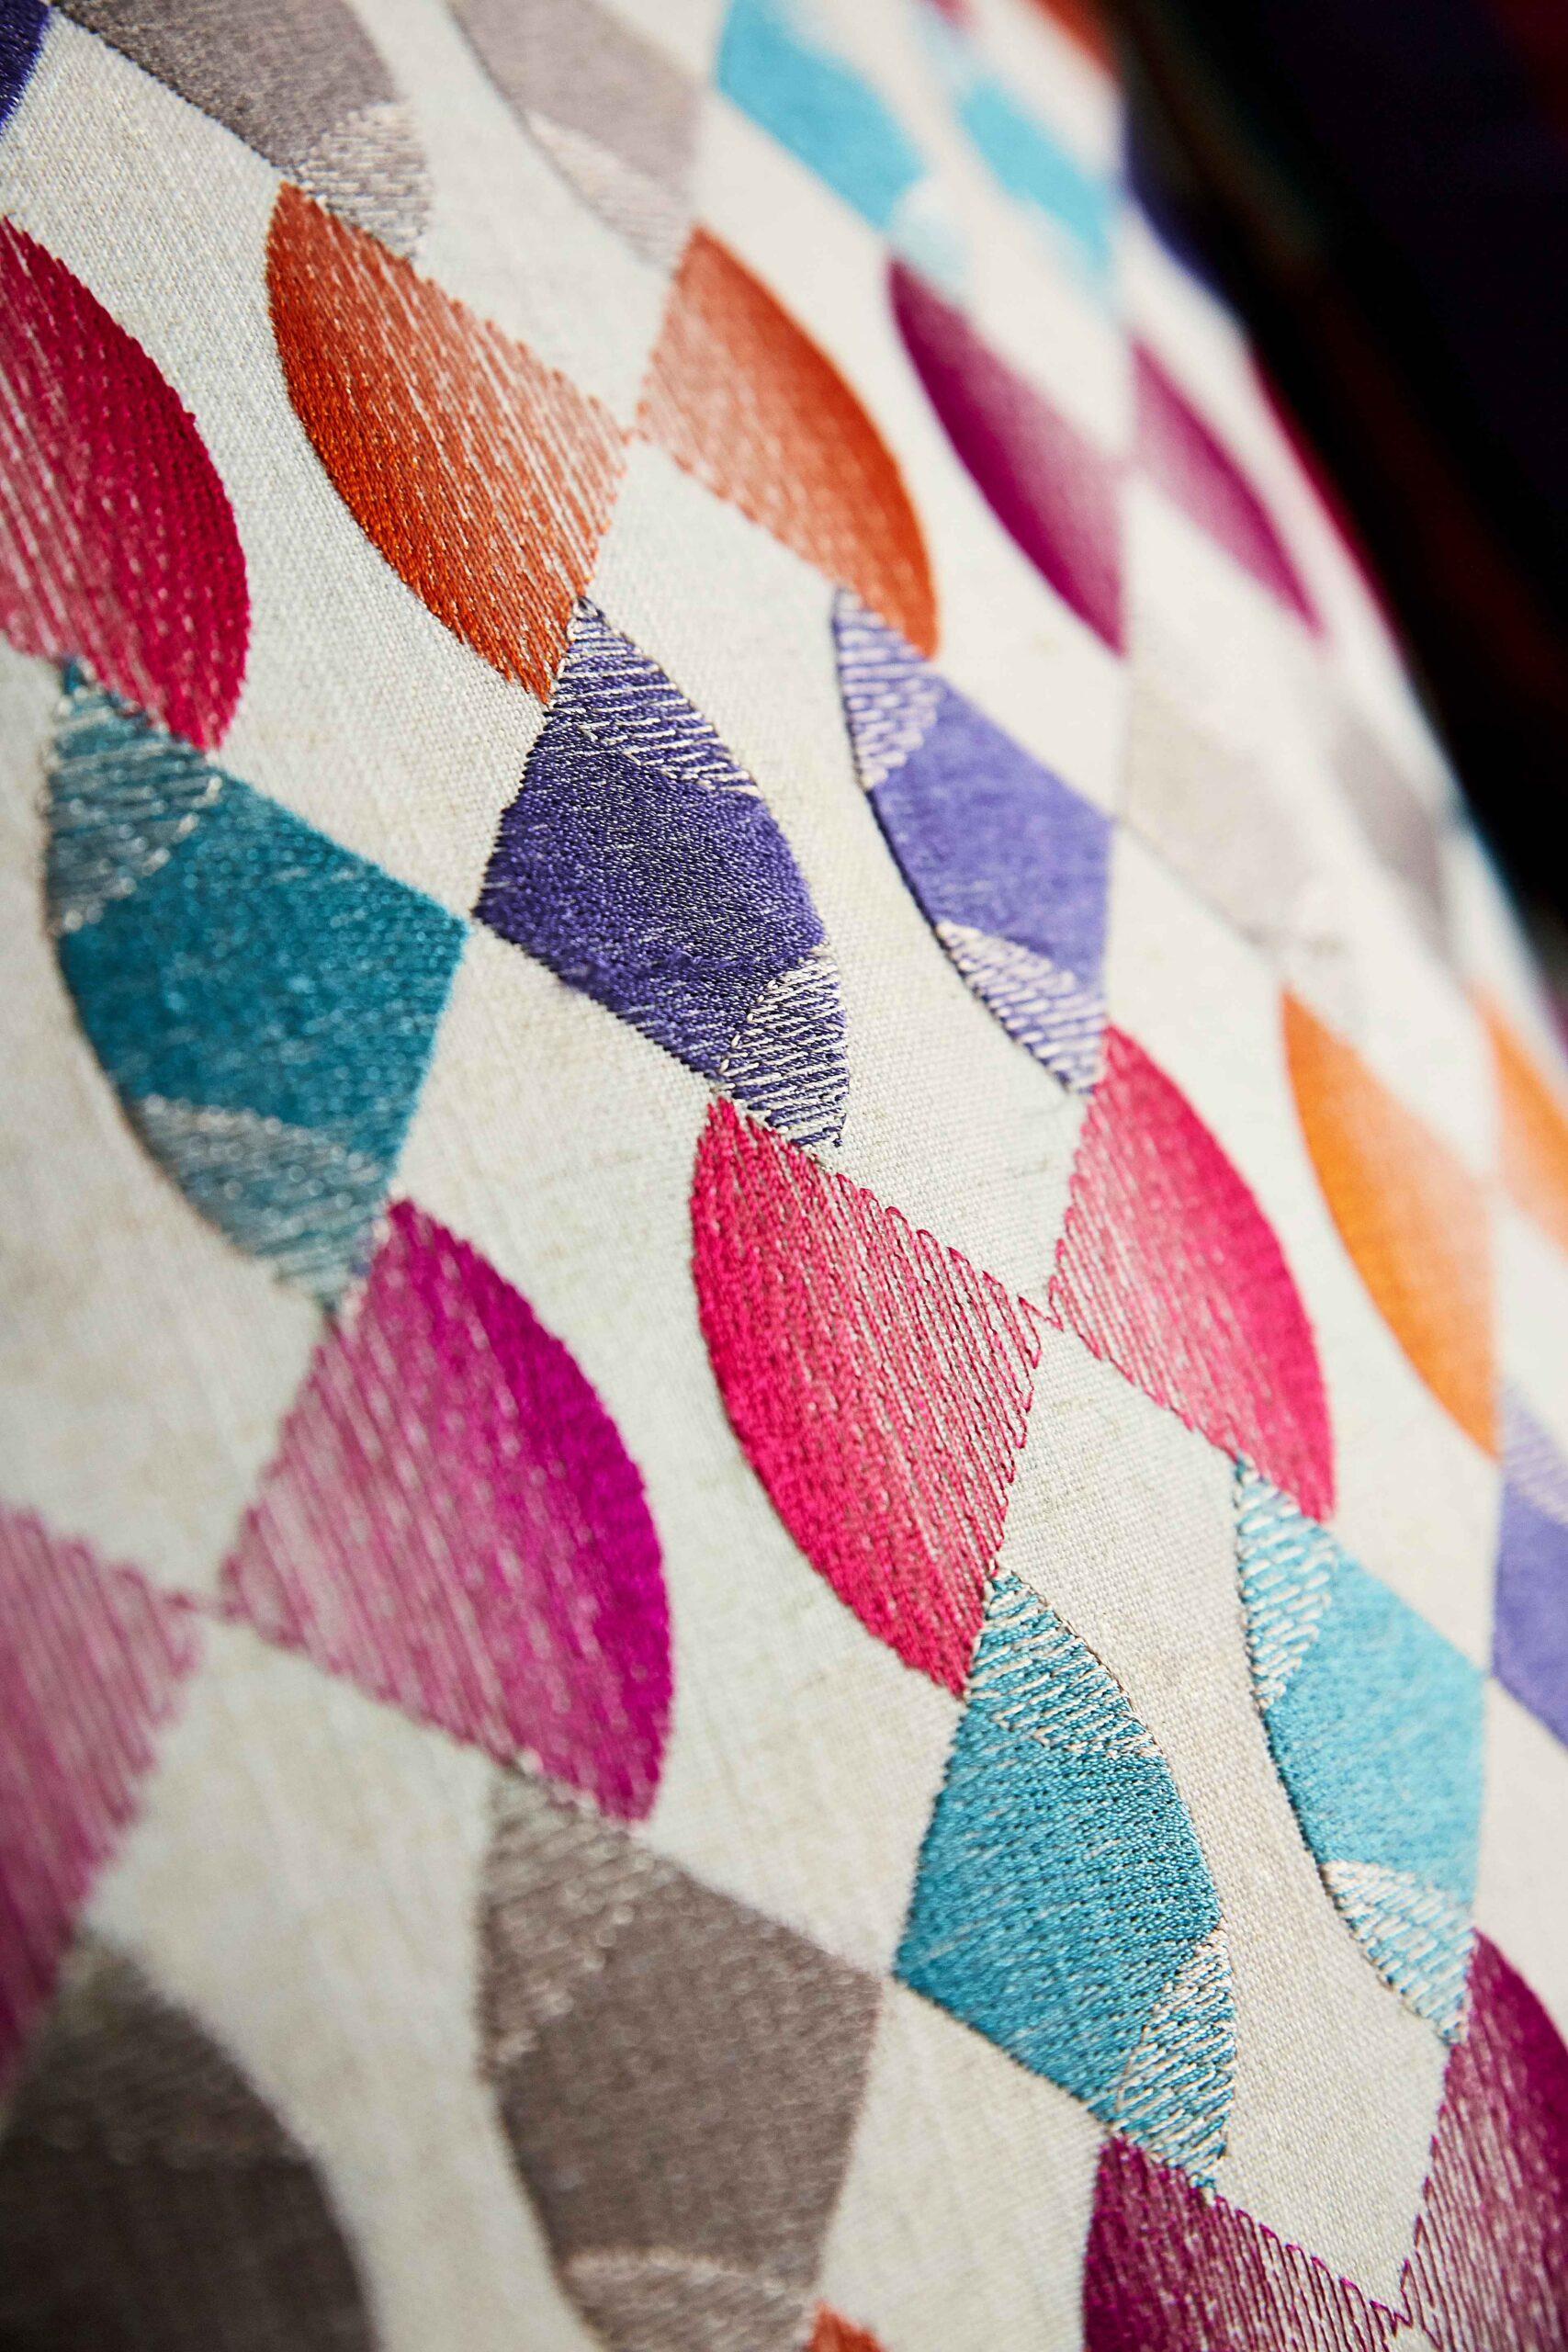 Harlequin Atelier Maiolica Fabric